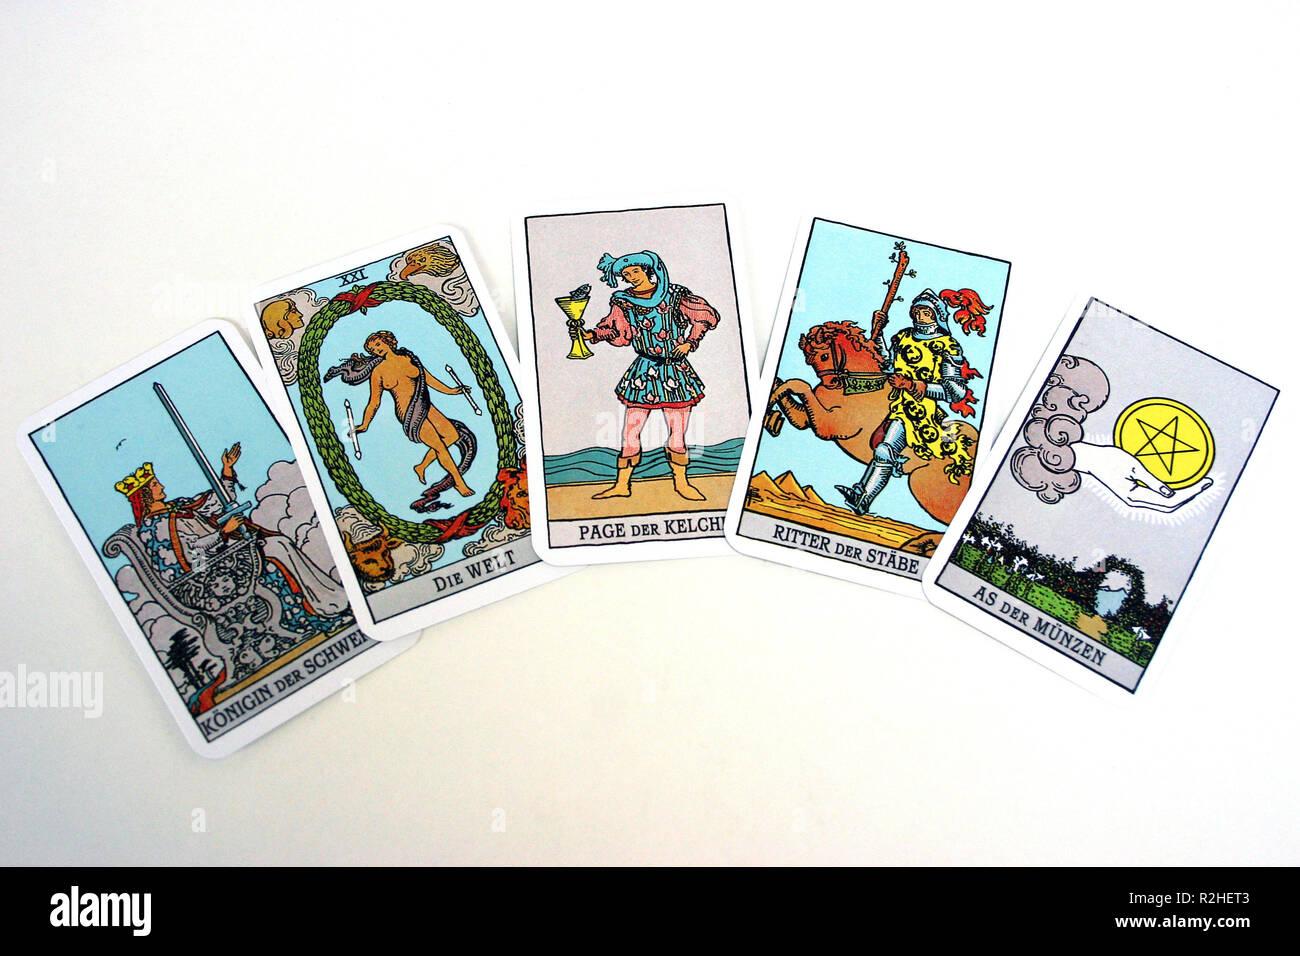 Tarot Game Photos Tarot Game Images Alamy